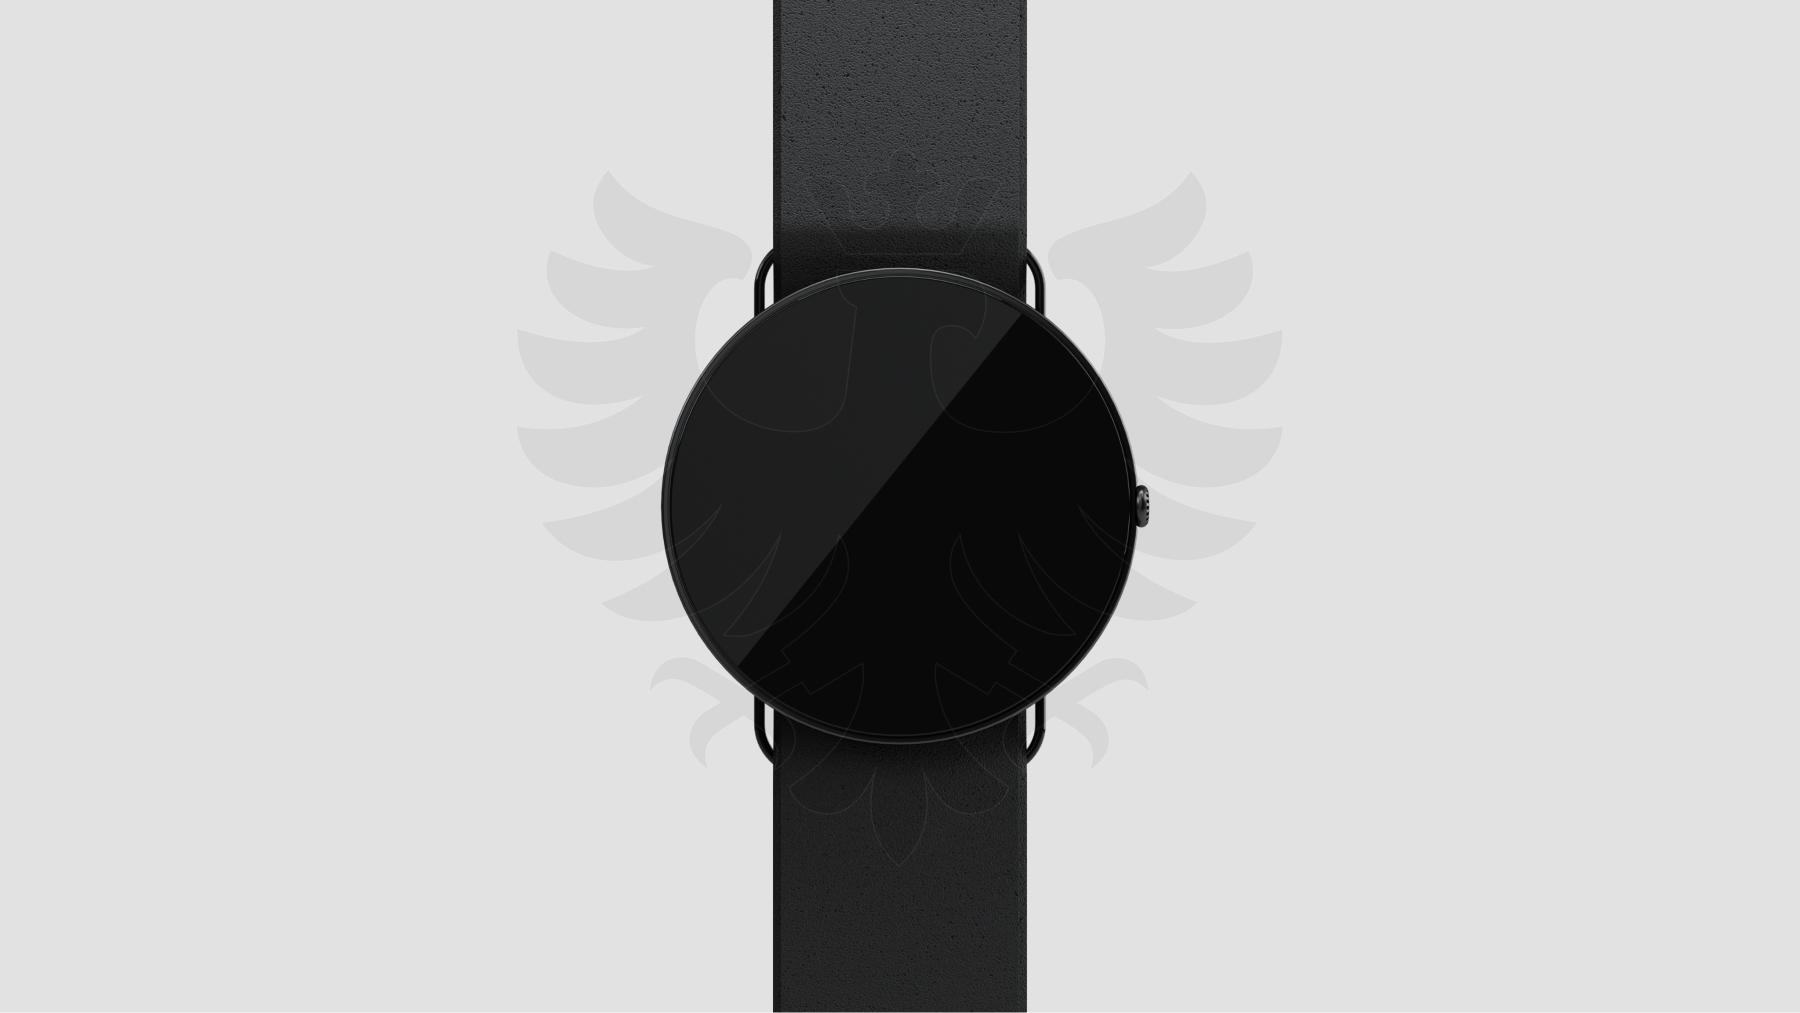 Essential-watch-01-Supply-White